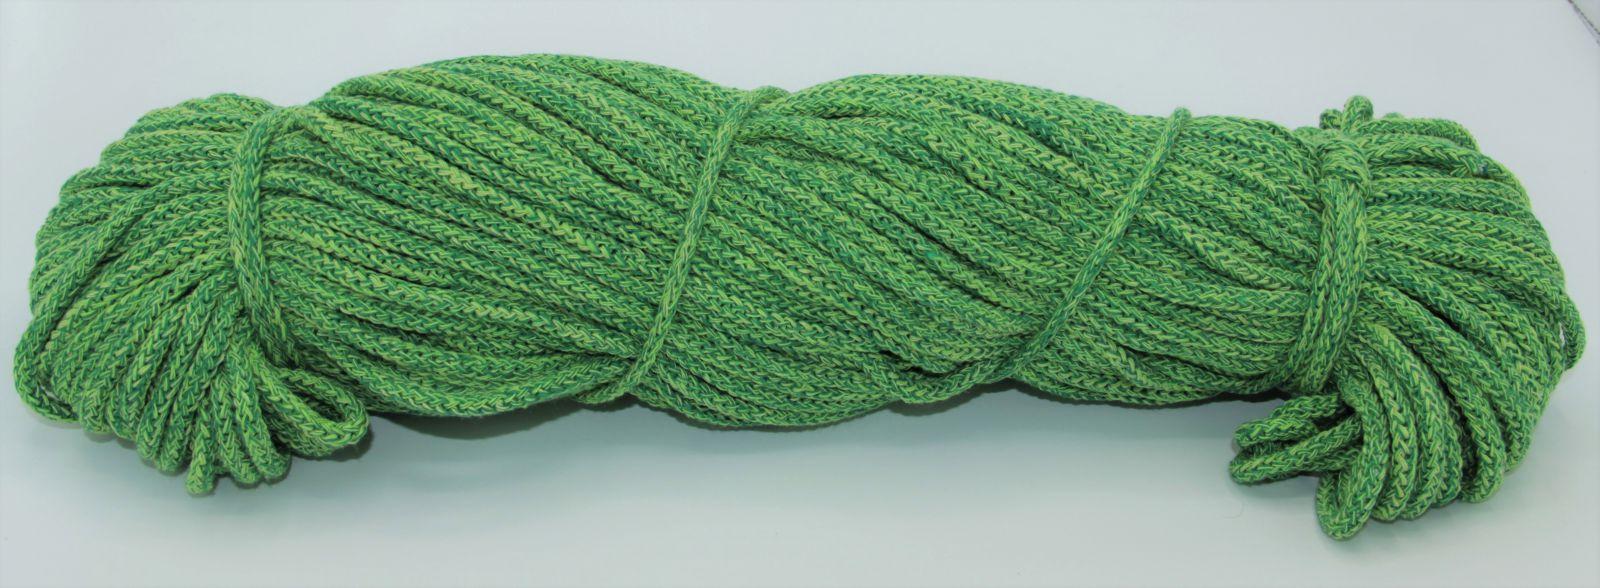 PRIMA Šňůry 5mm/100m zlatožlutá-zelená melange